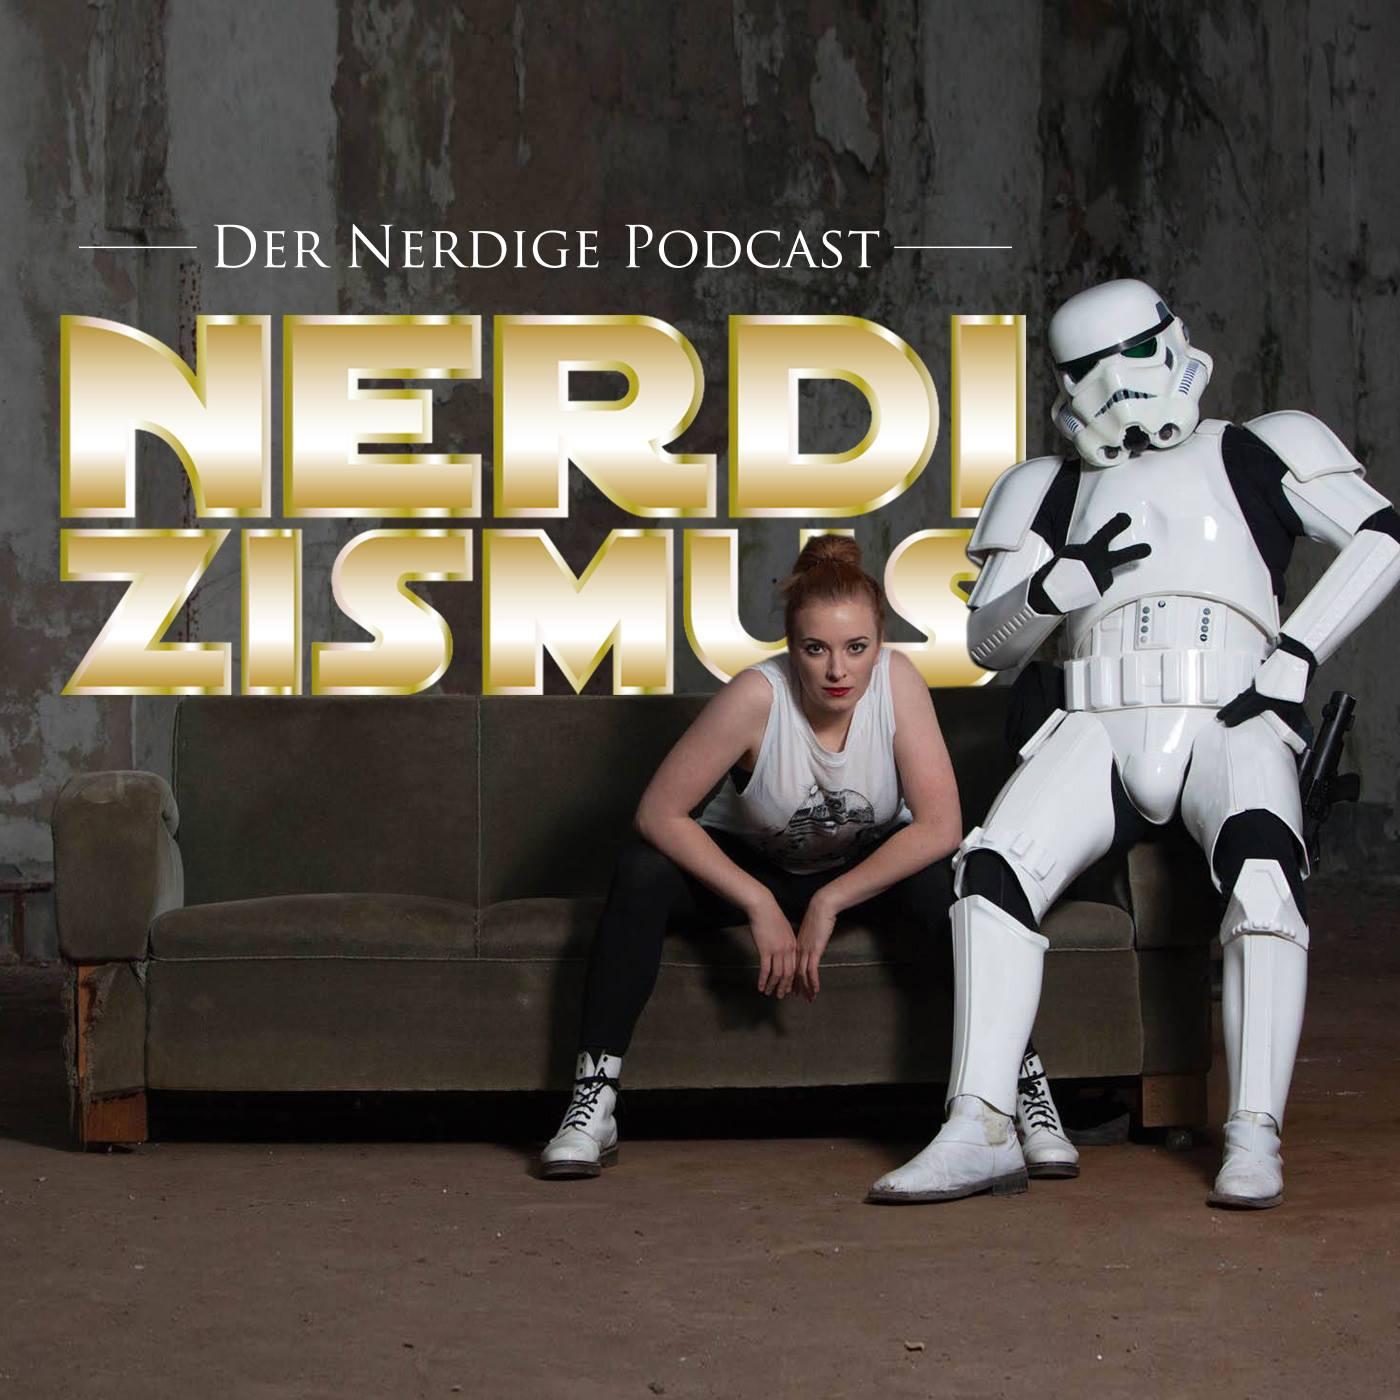 Nerdizismus - Podcast für Nerds, Geeks und Cosplayer